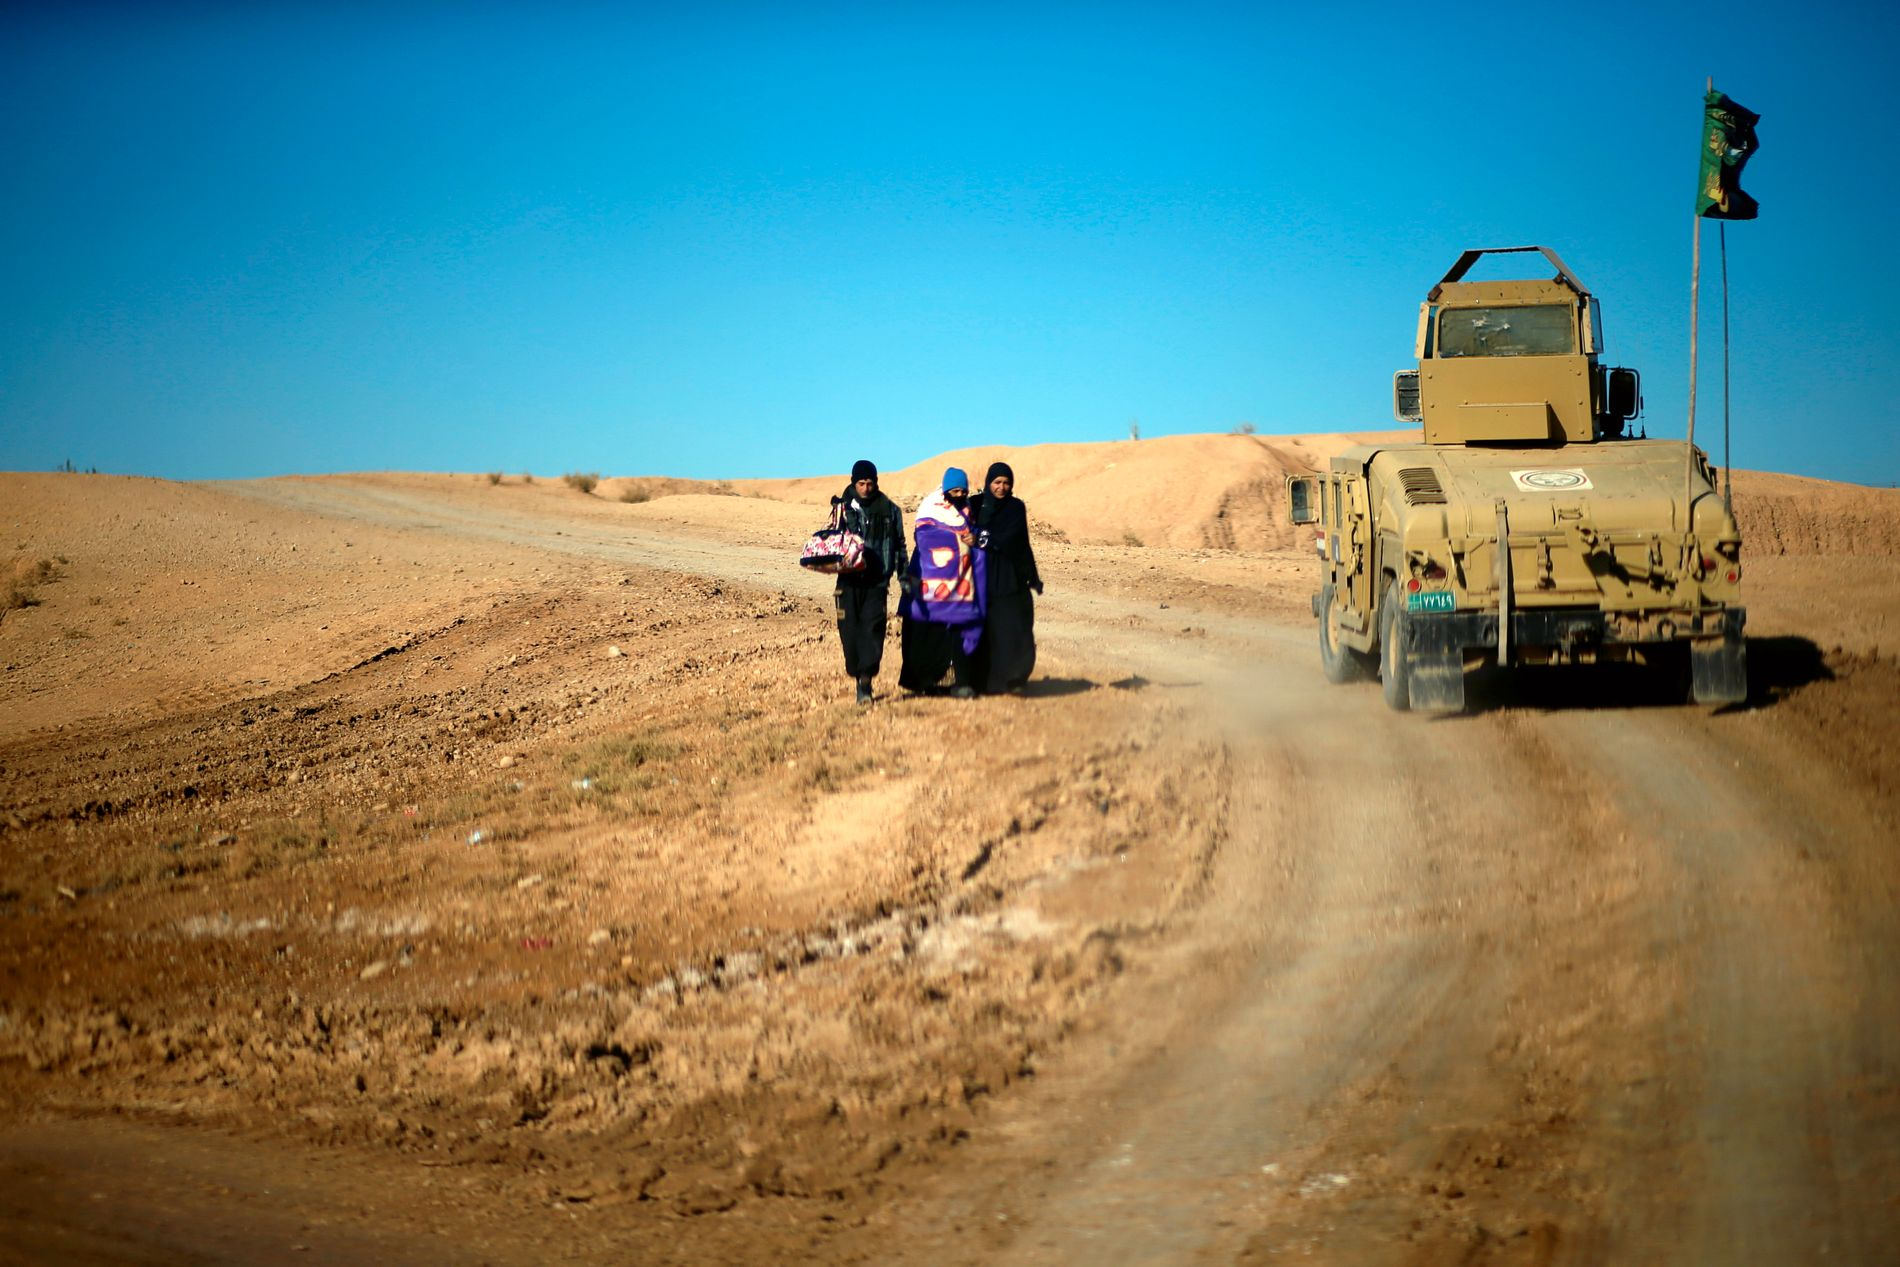 PÅ FLUKT: Bildet viser tre kvinner som har flyktet fra Mosul.